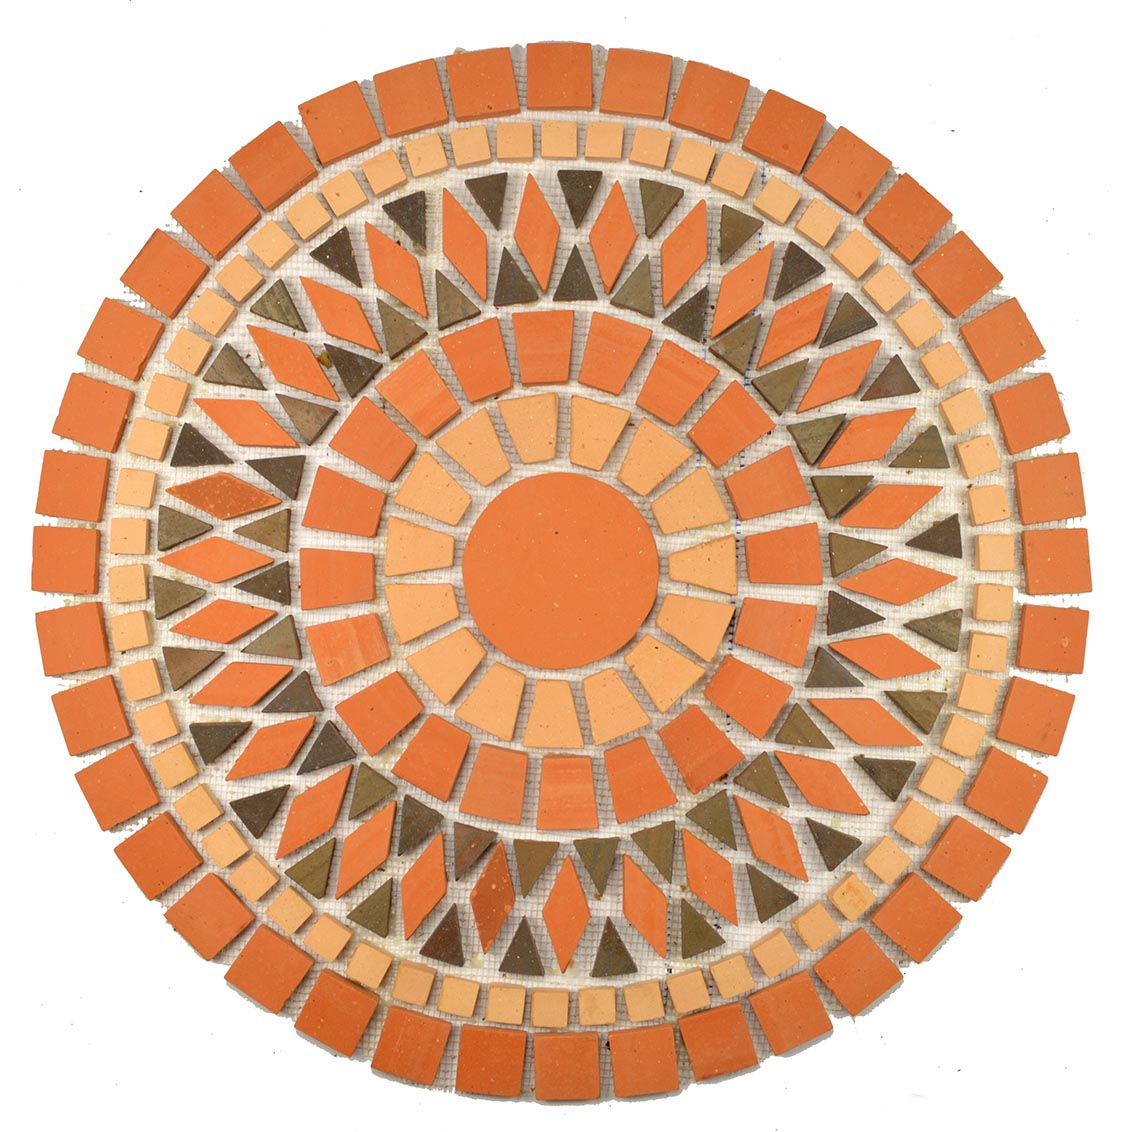 Rosone Cocar - A partir de 0,80 - 7 Tamanhos - Nina Martinelli